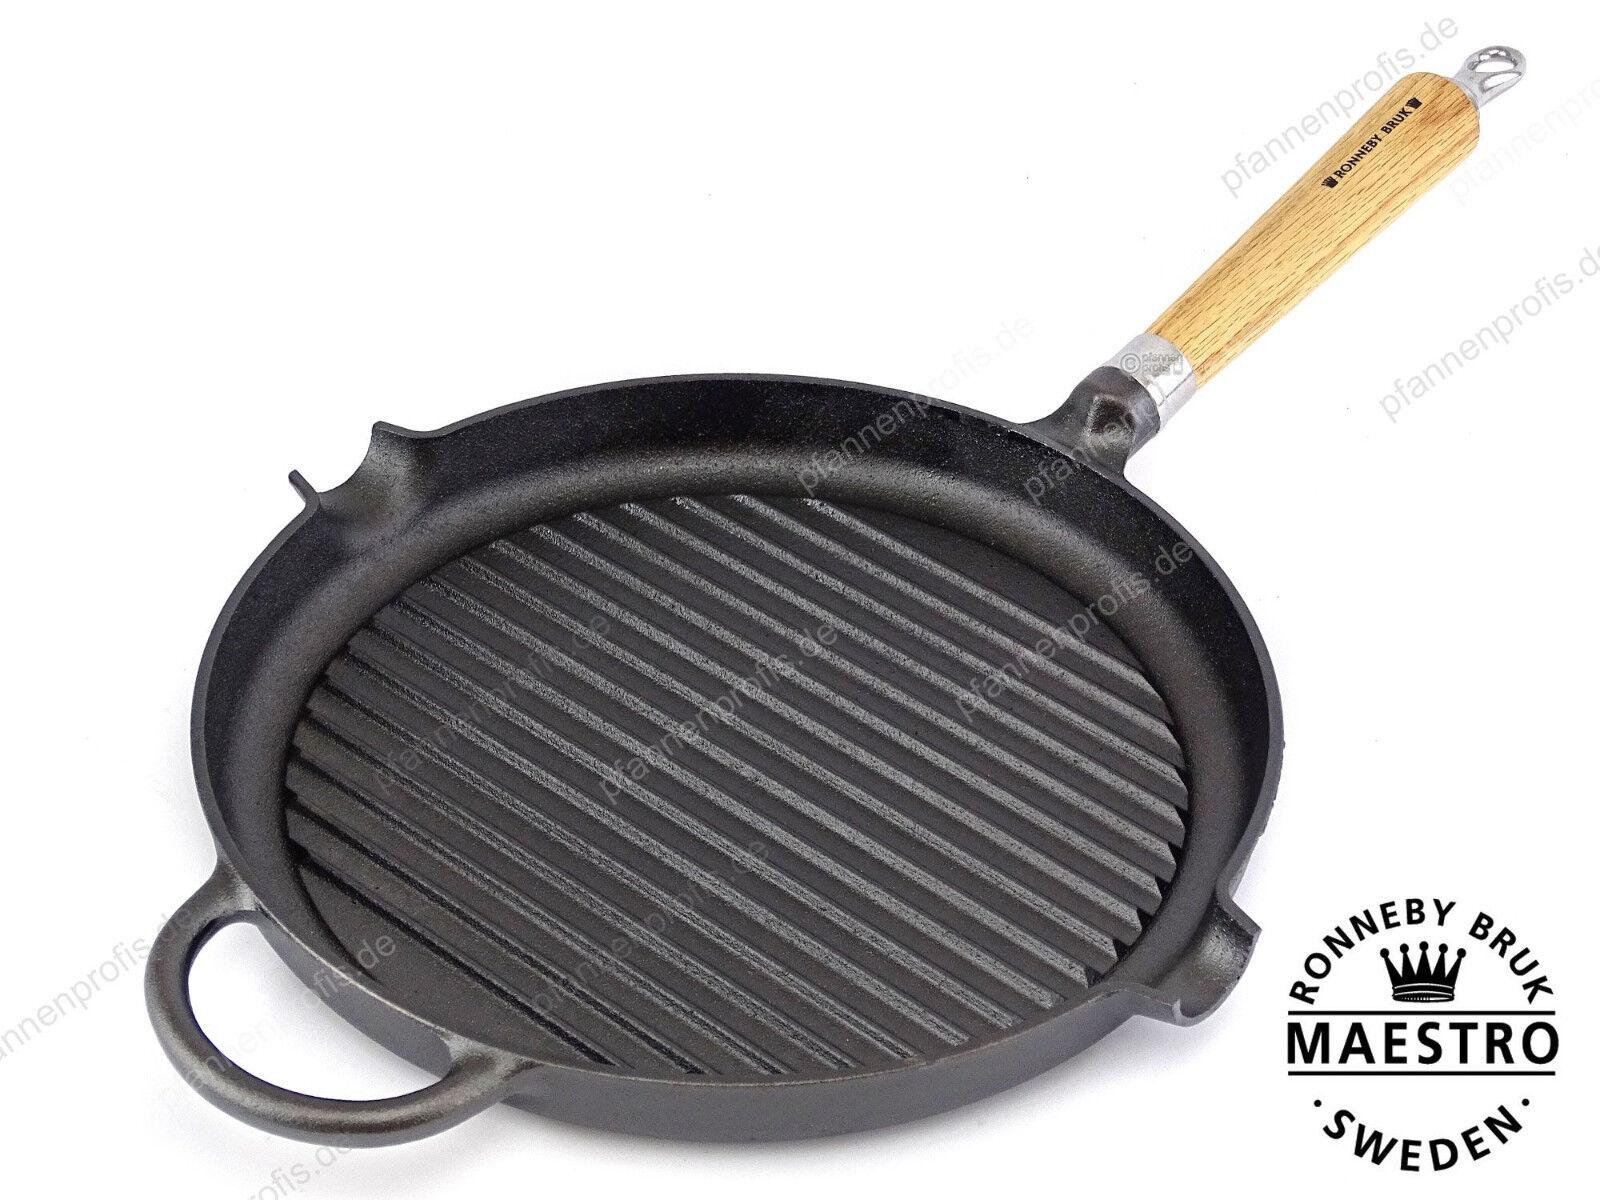 Ronneby Bruk en fonte barbecue poêle maestro 28 cm manche bois, terminé rodées